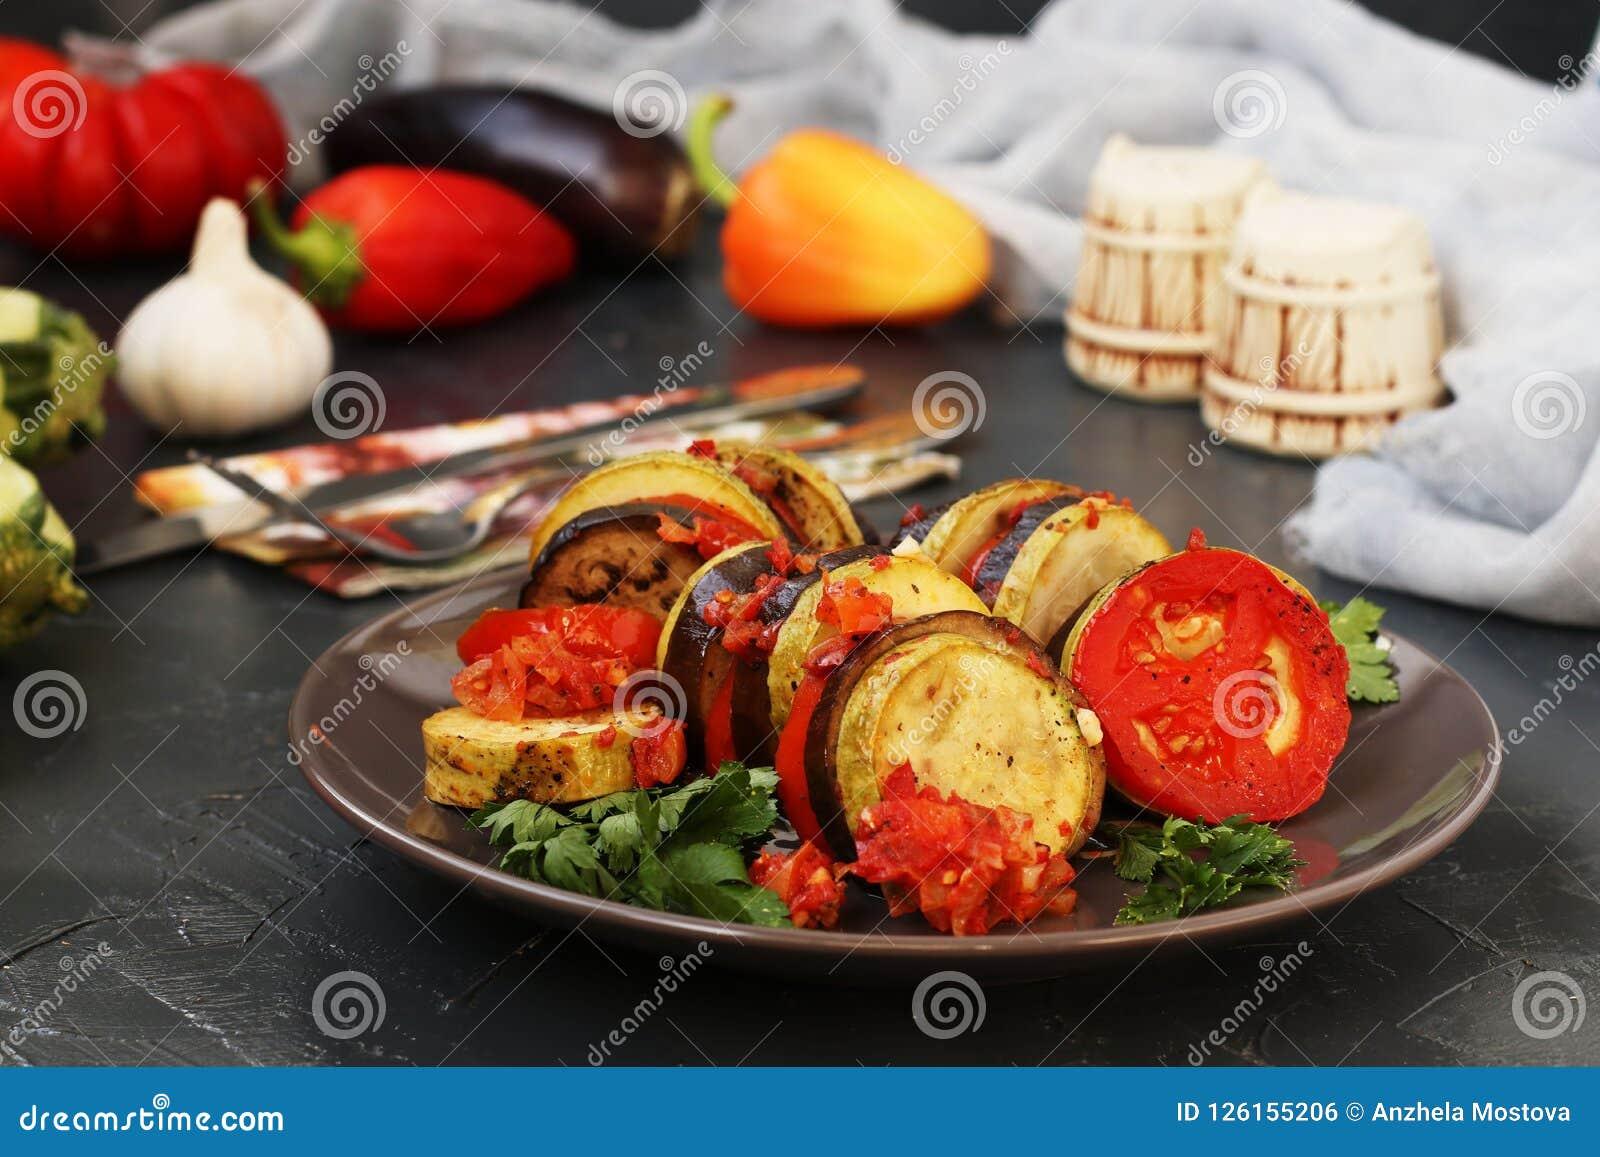 El ratatouille está situado en una placa en un fondo oscuro Verduras cocidas: berenjenas, calabacín y tomates